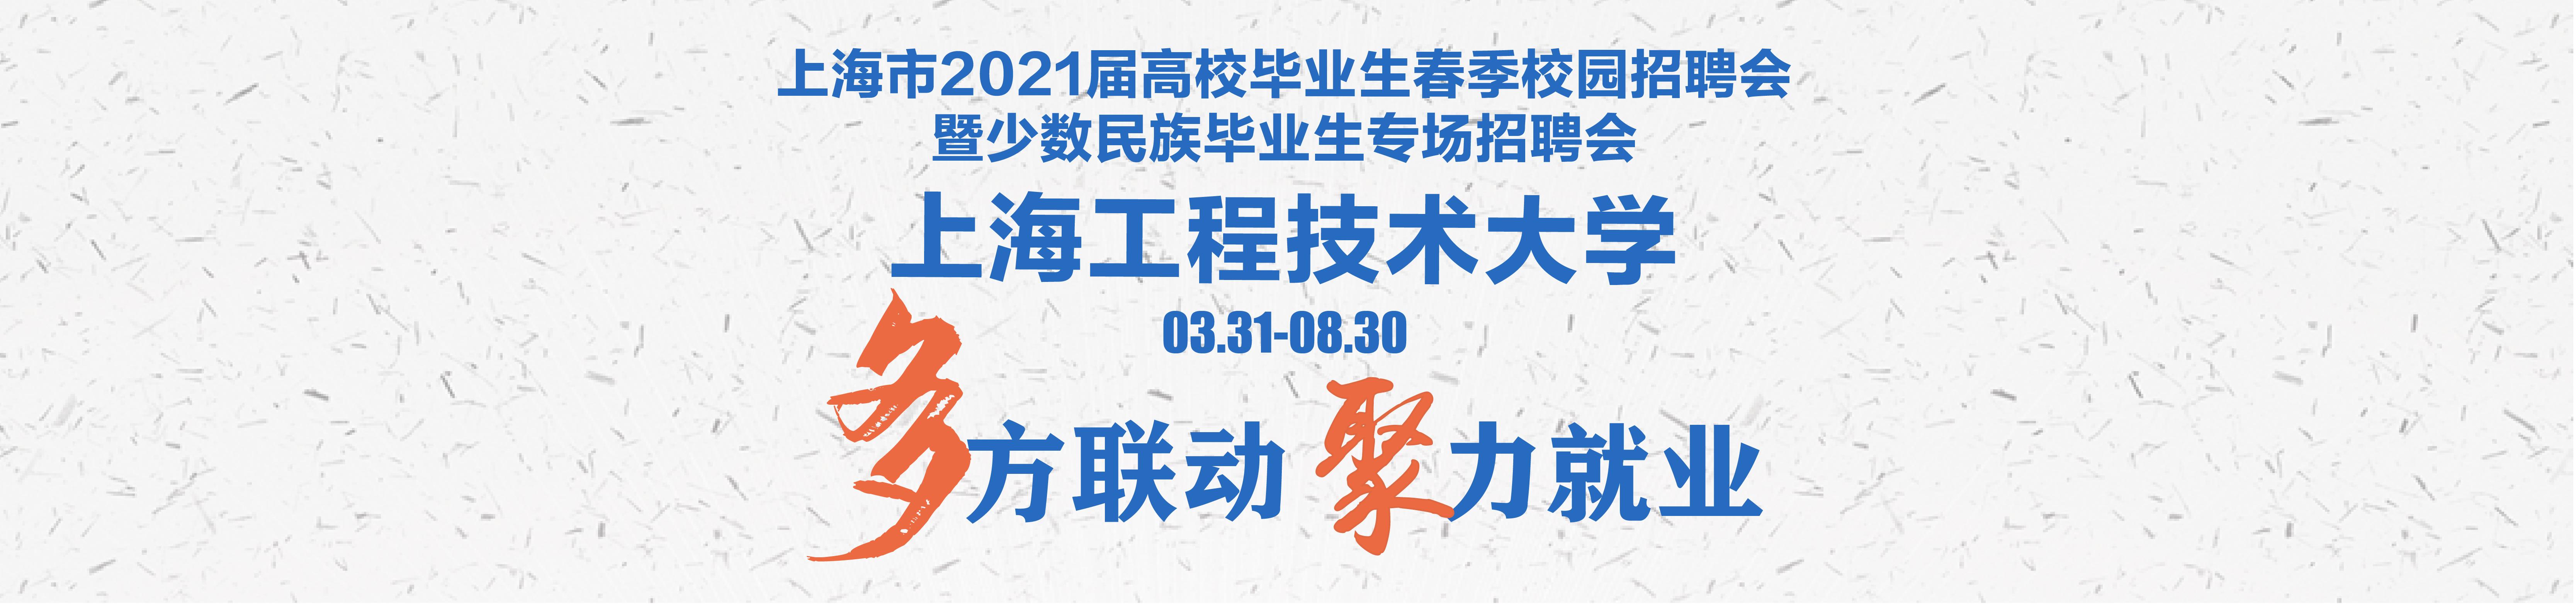 上海市2021届高校毕业生春季校园招聘会暨少数民族毕业生专场招聘会